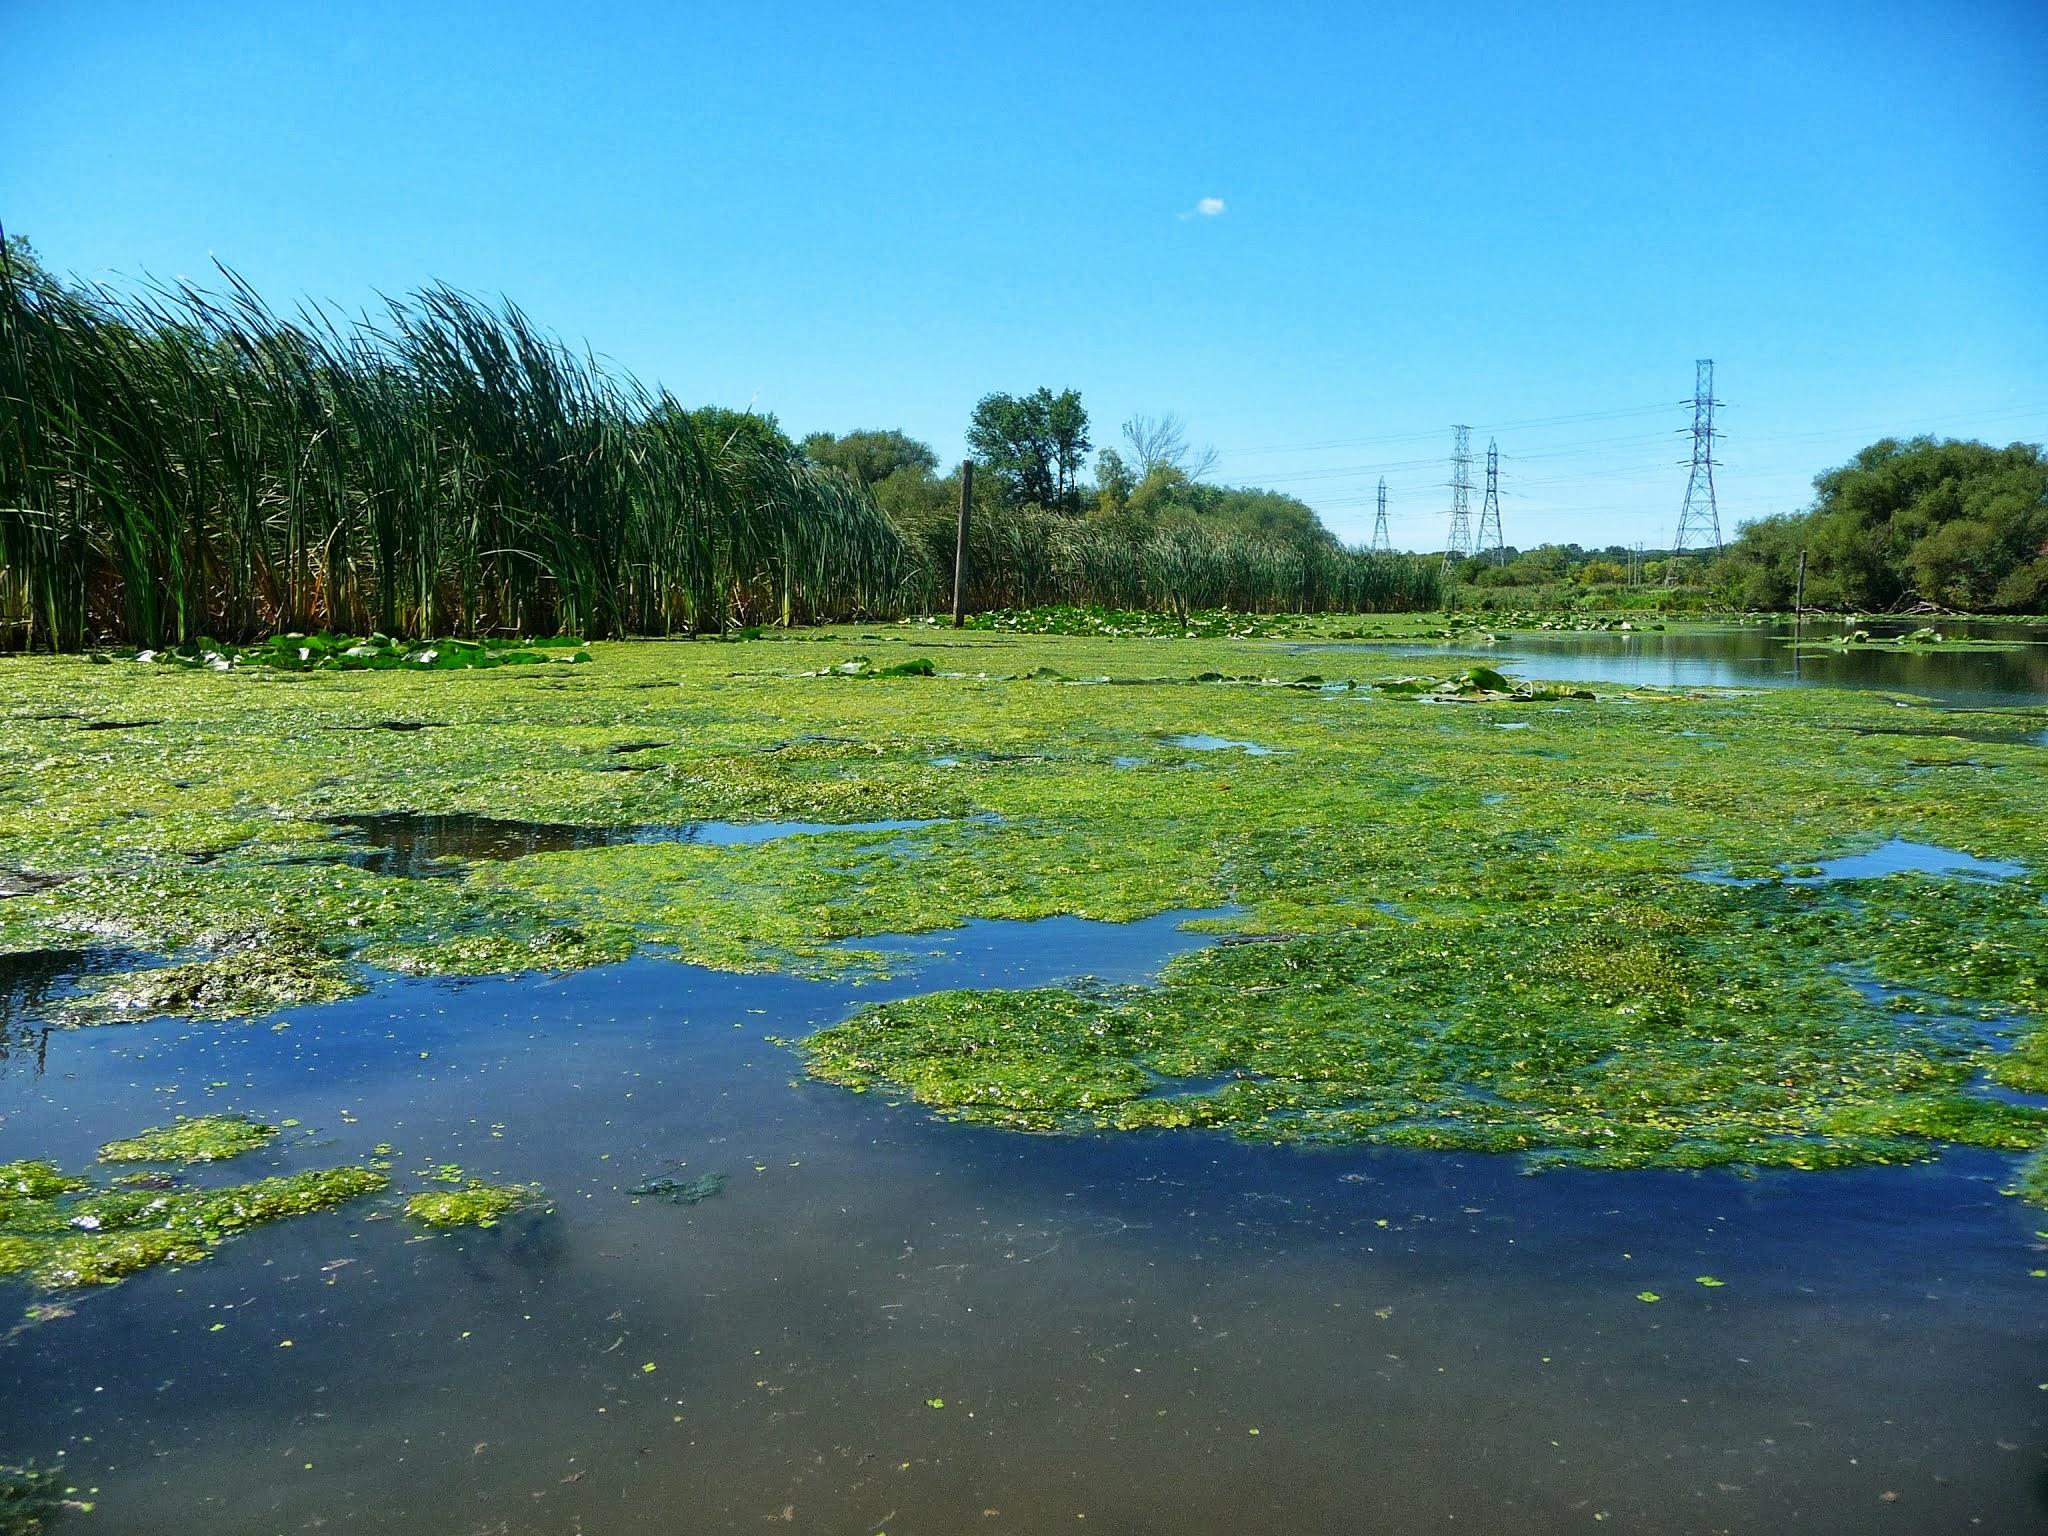 lake with algae on it